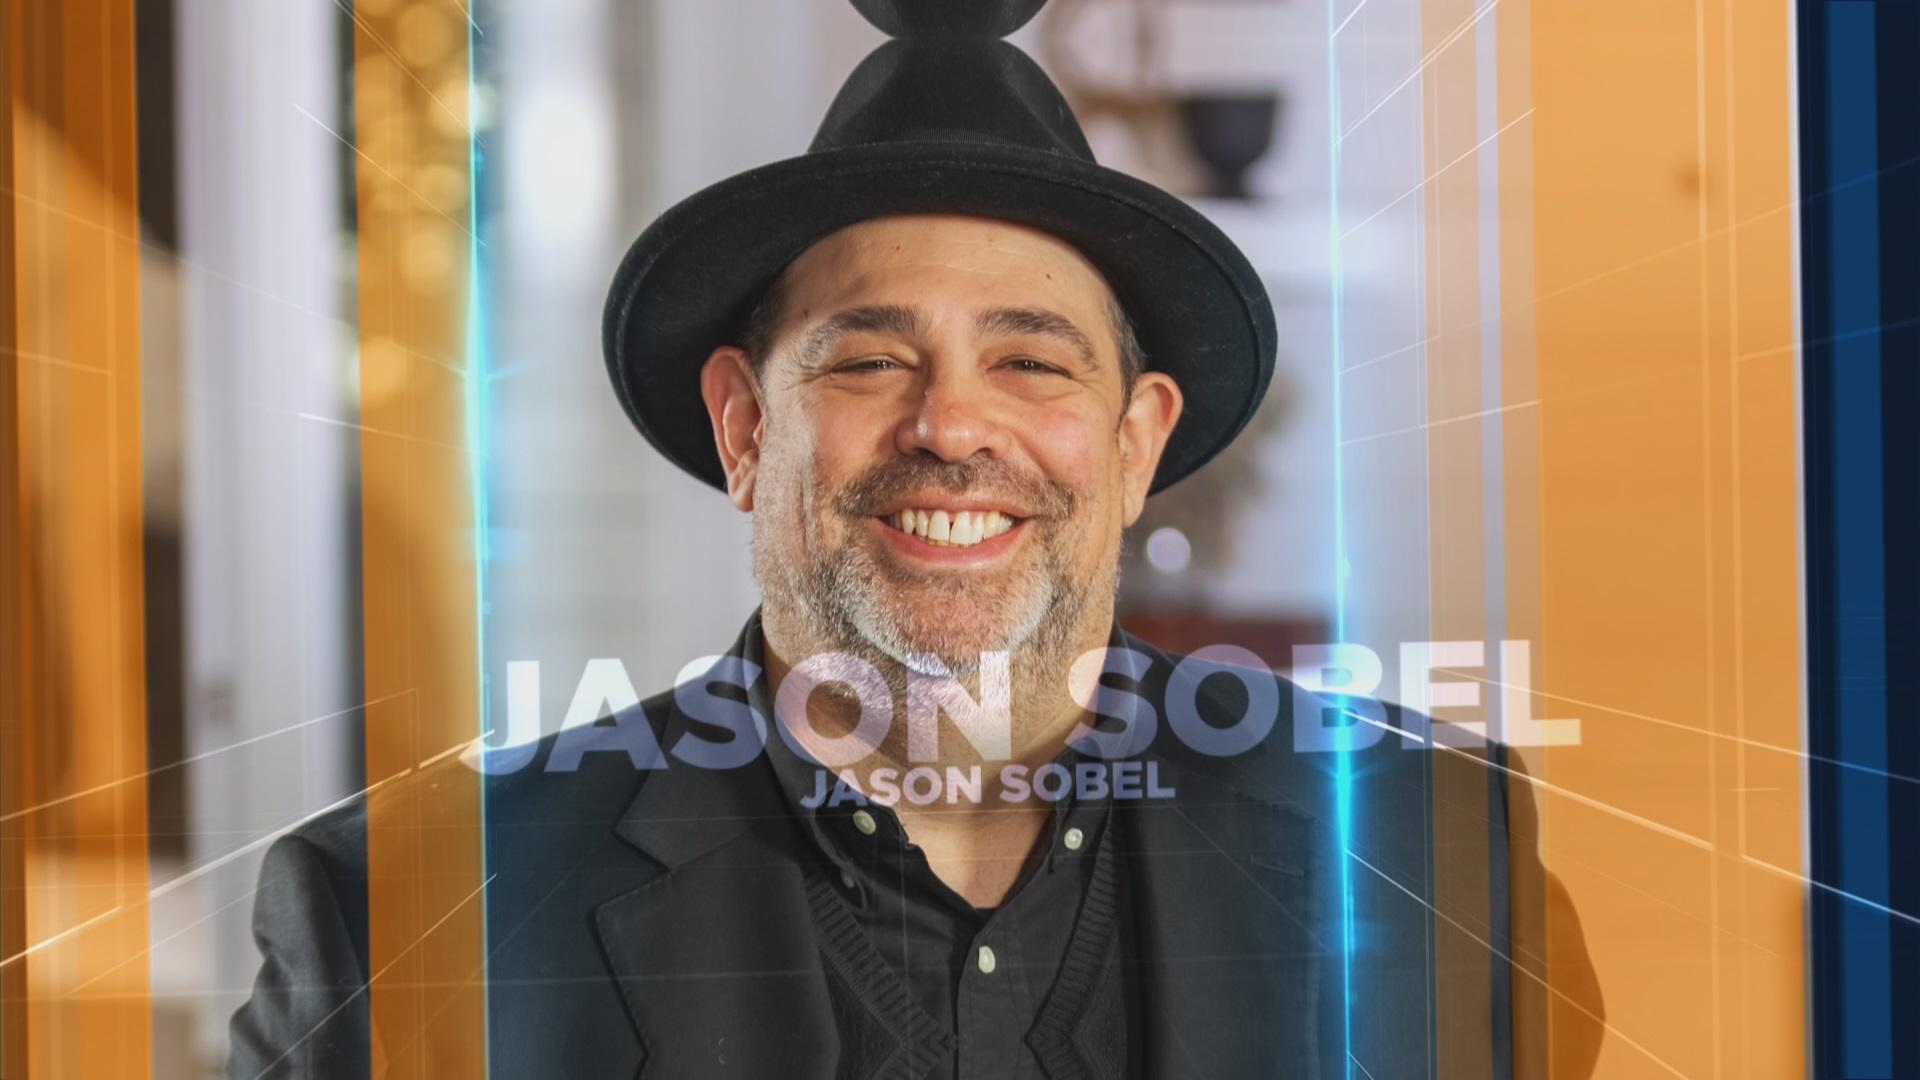 Praise - Rabbi Jason Sobel - October 7, 2021